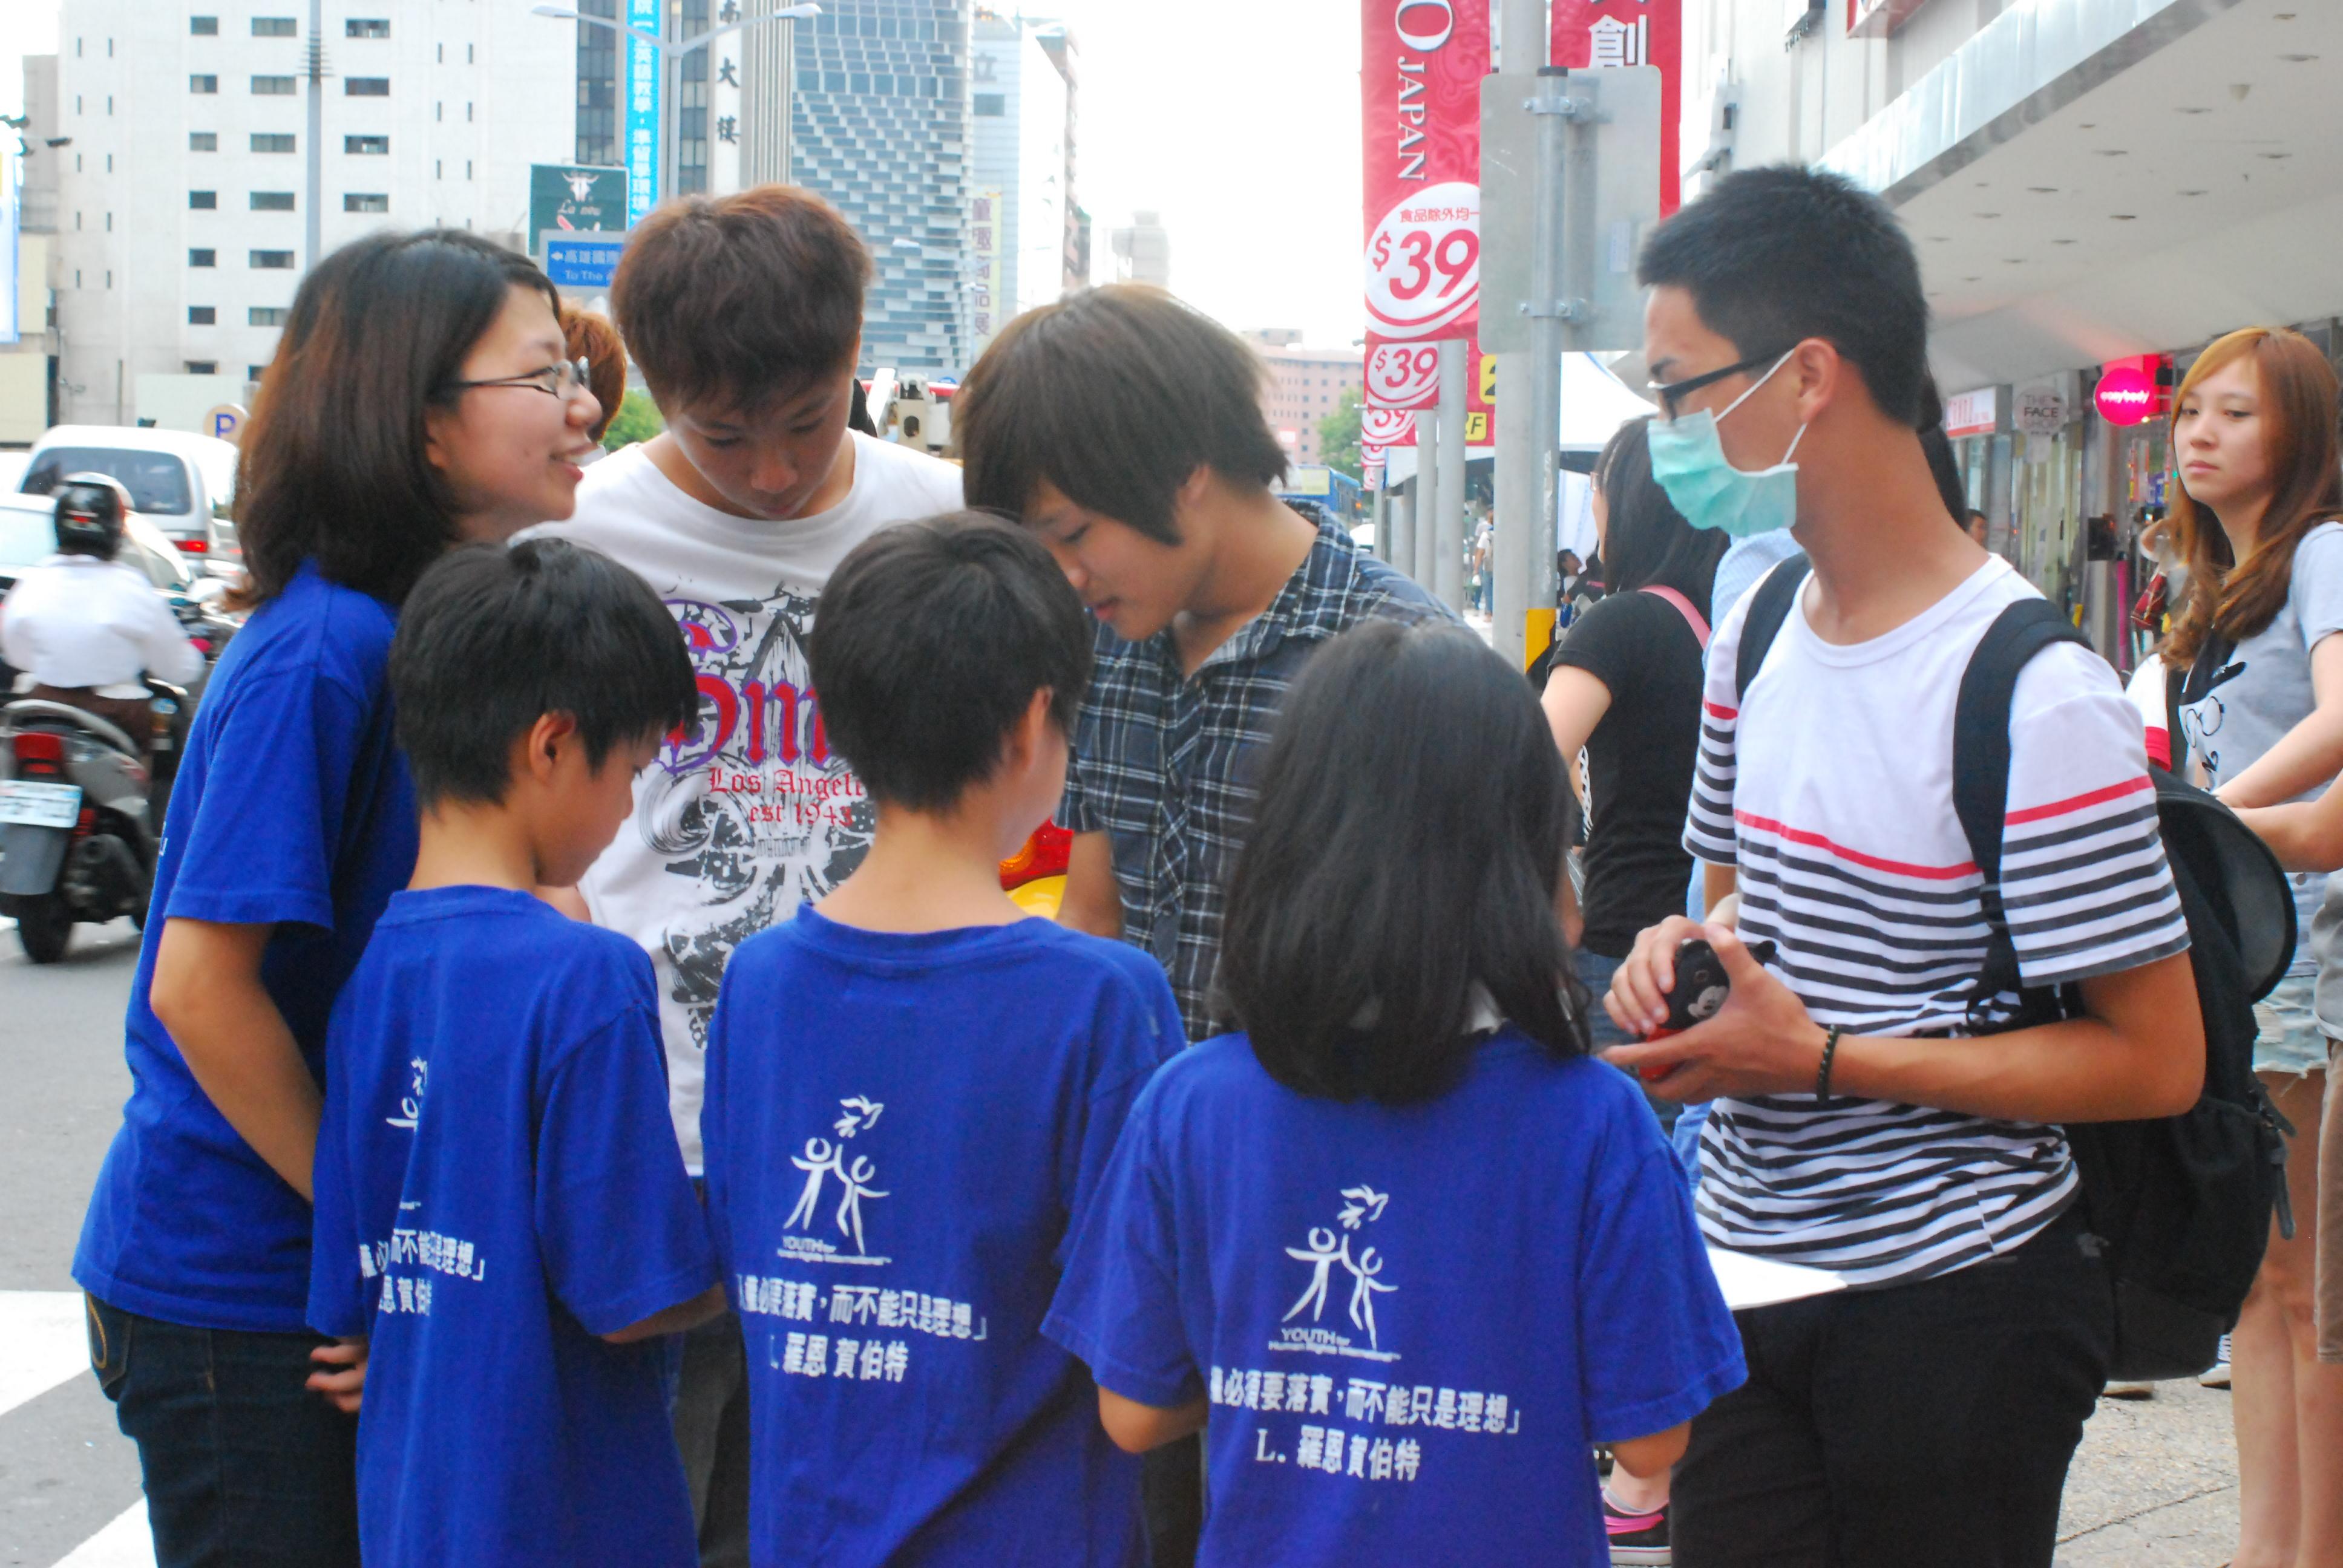 小3小4反霸凌 暑期街頭當志工